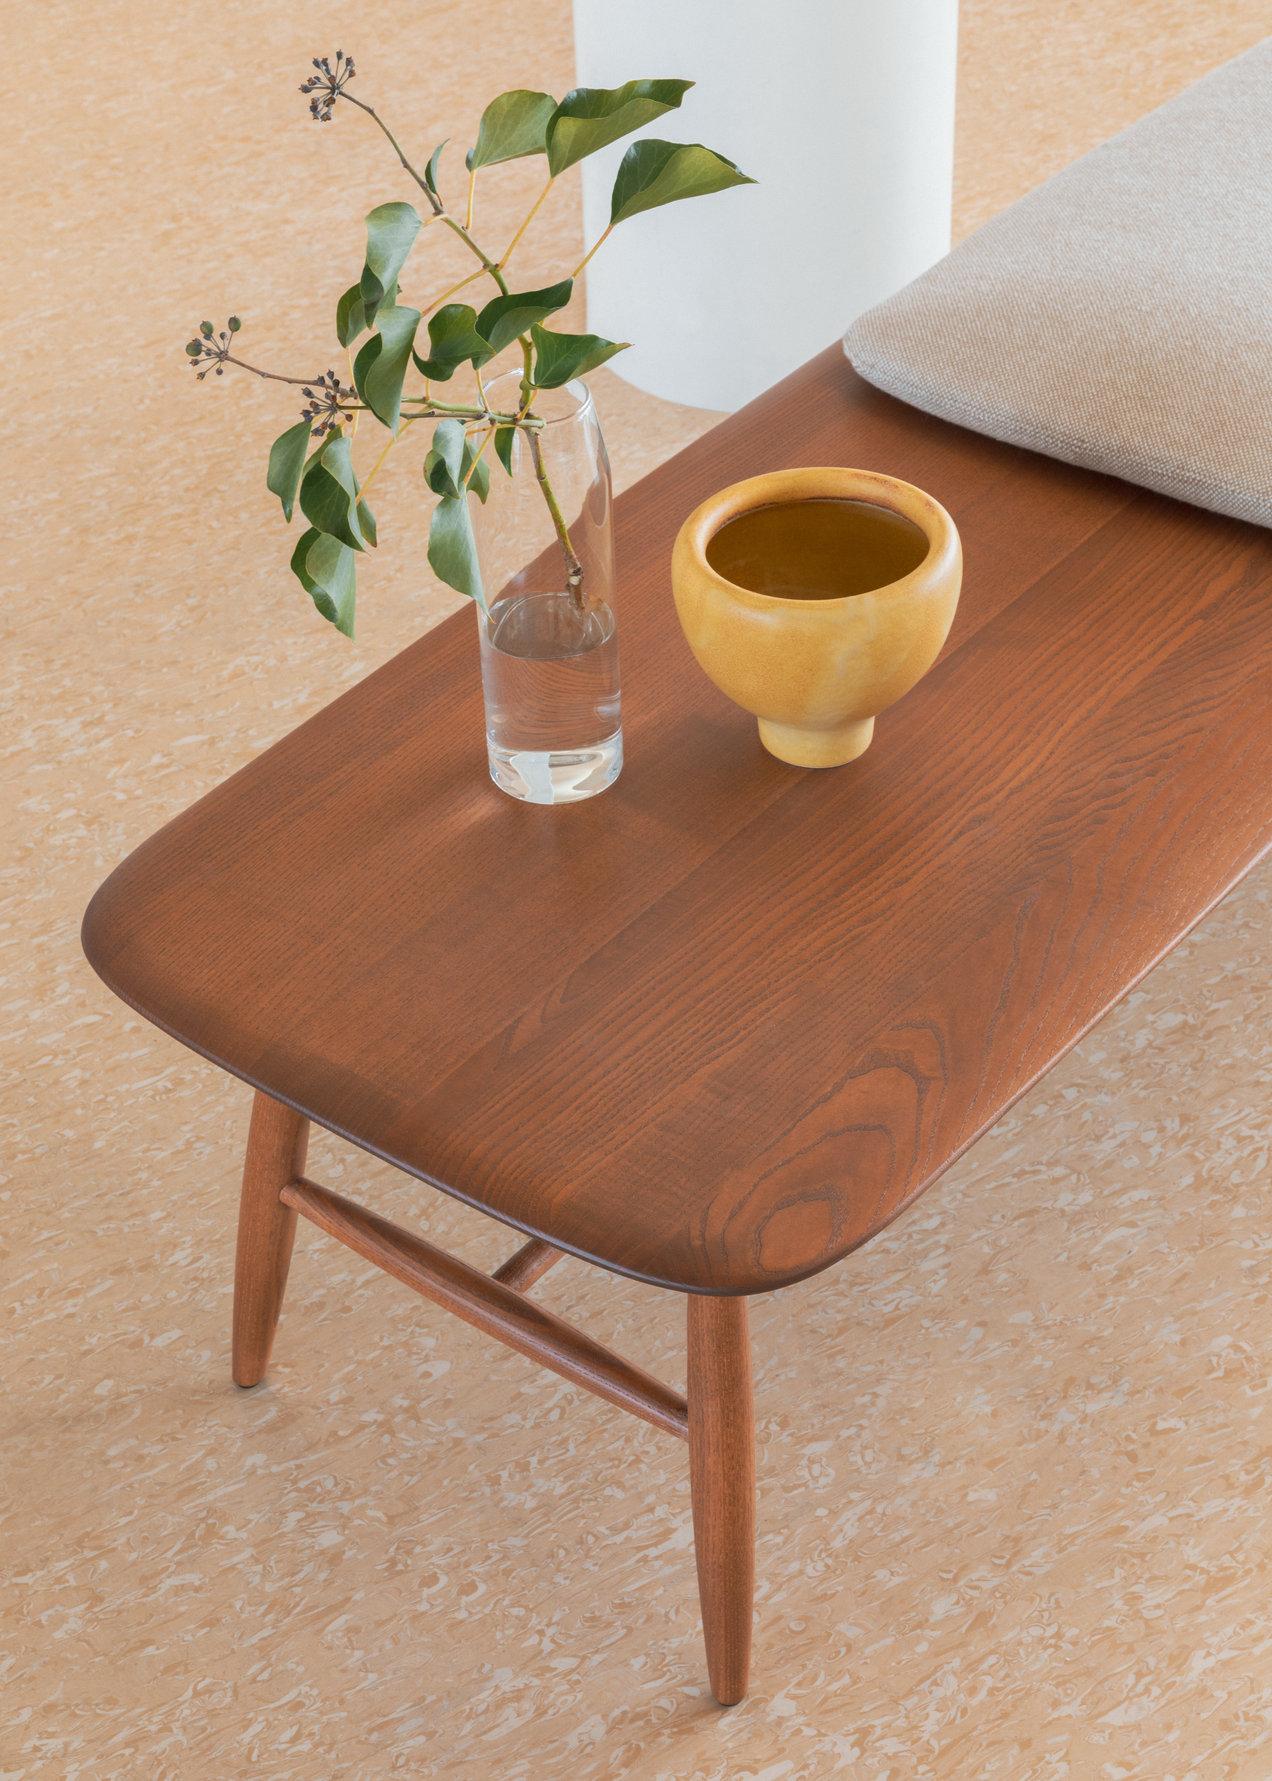 Von--0428-1428--bench--gallerySlider-3--Ash--OG--K220.png